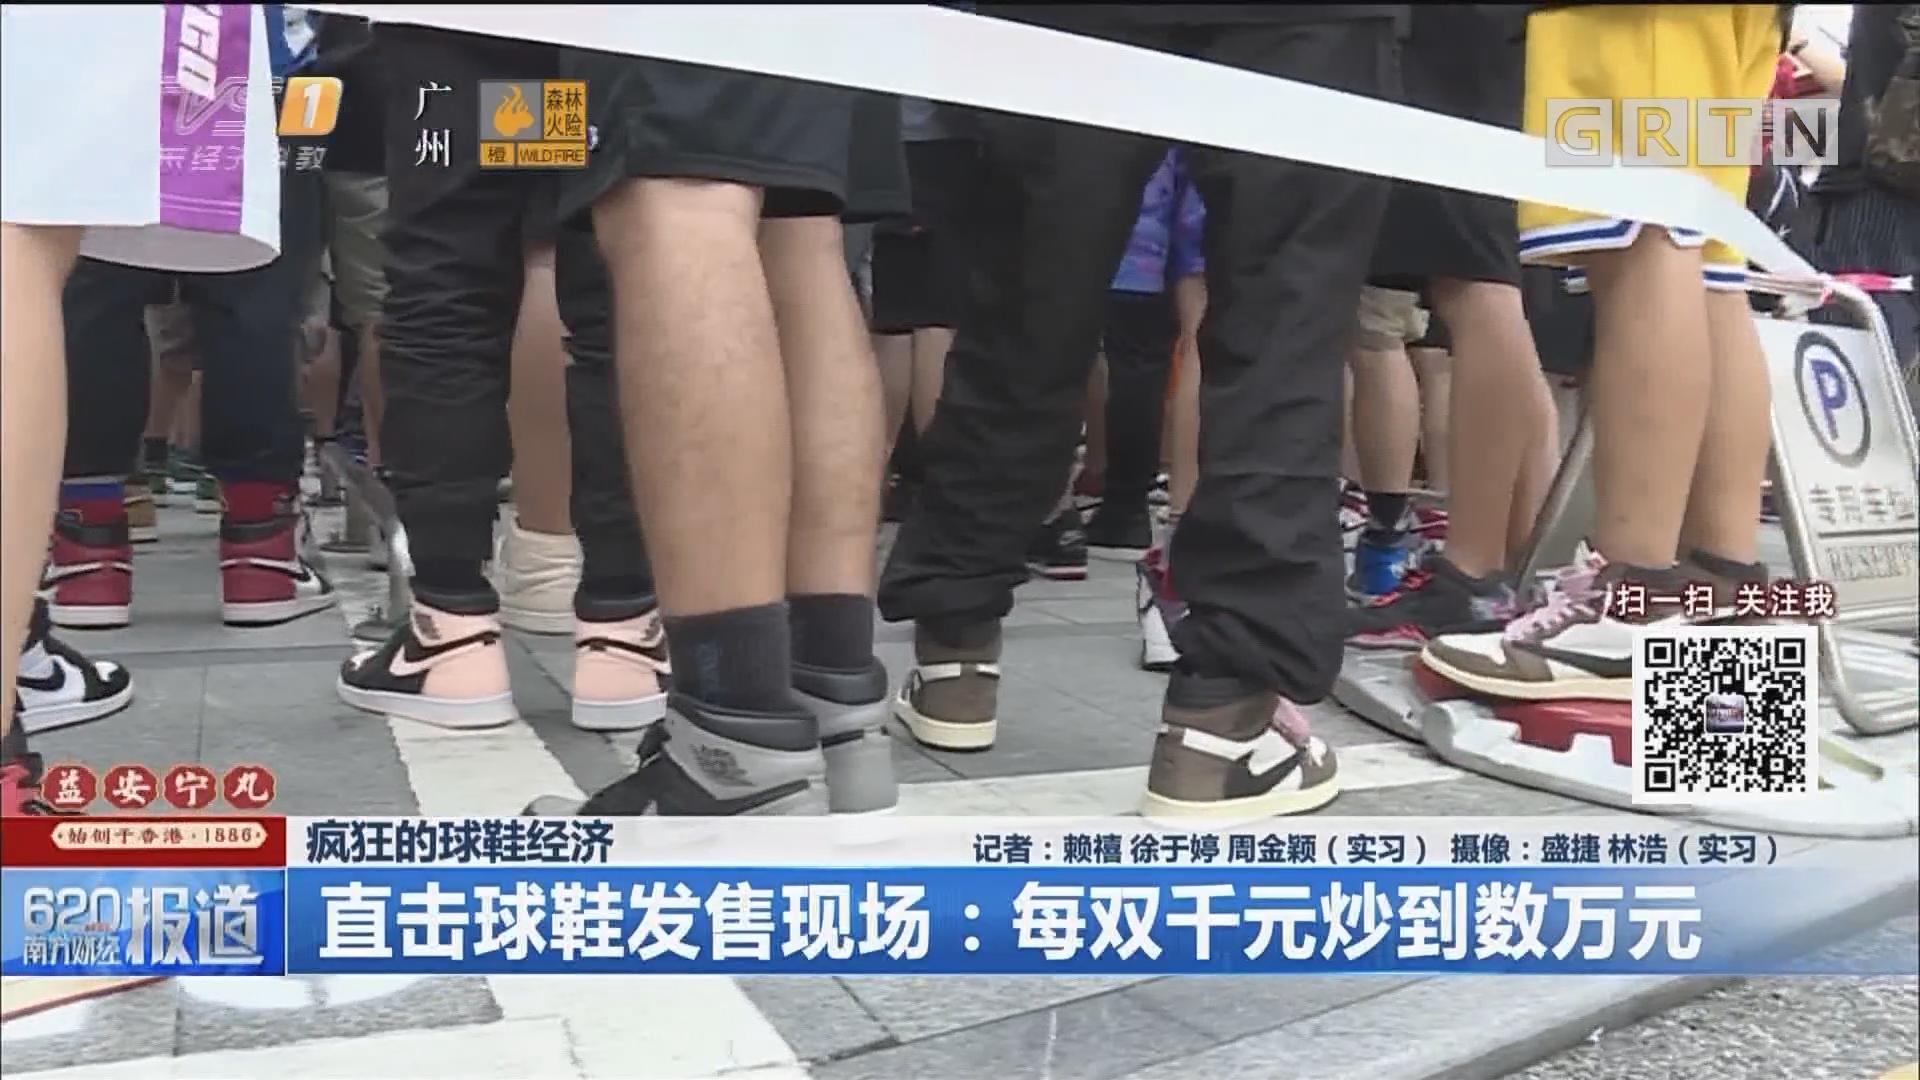 疯狂的球鞋经济 直击球鞋发售现场:每双千元炒到数万元